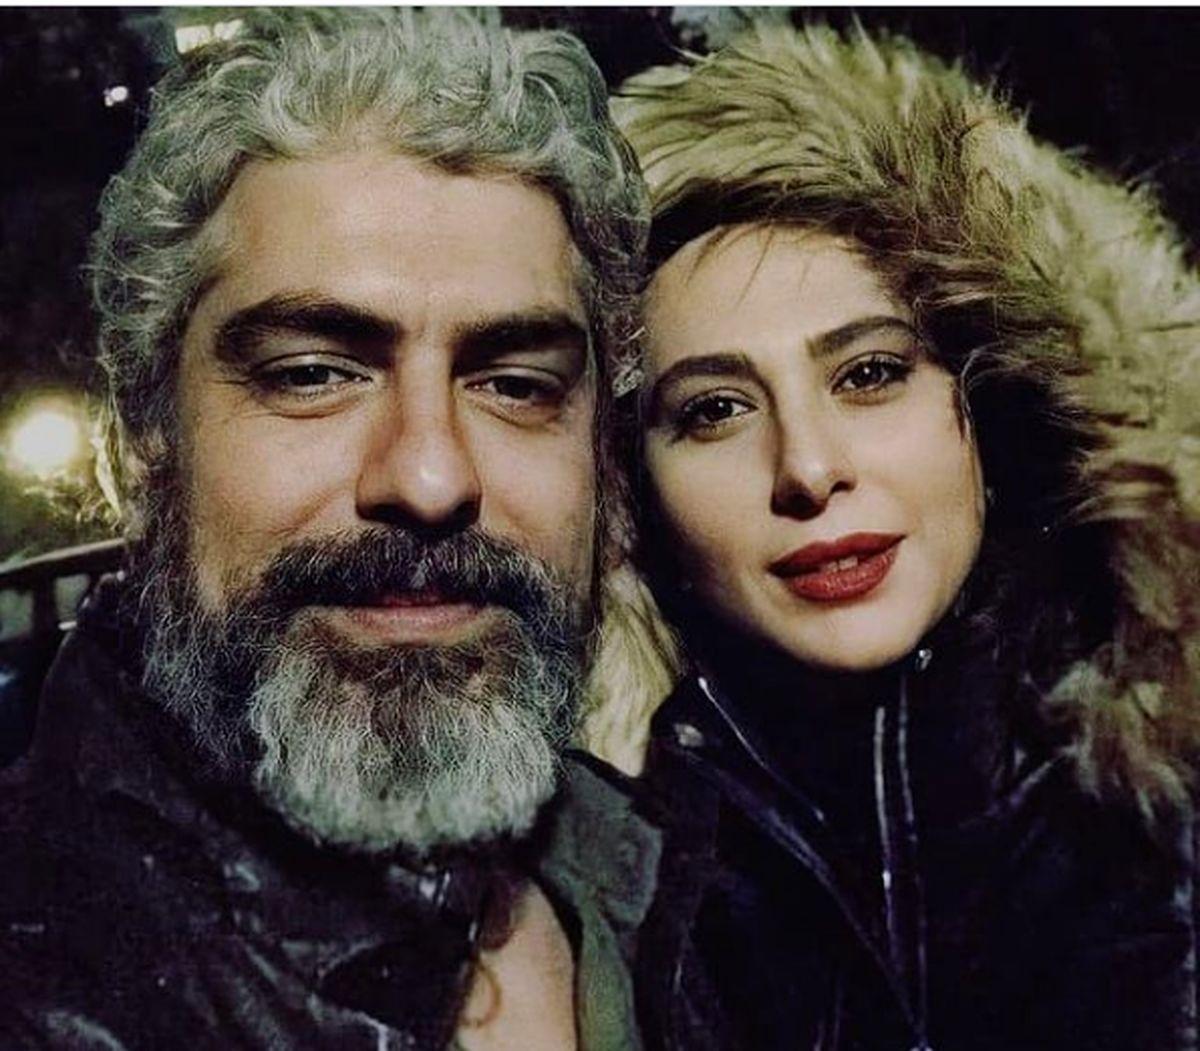 مهدی پاکدل و رعنا آزادی ور بعد از ازدواج + عکس های جدید